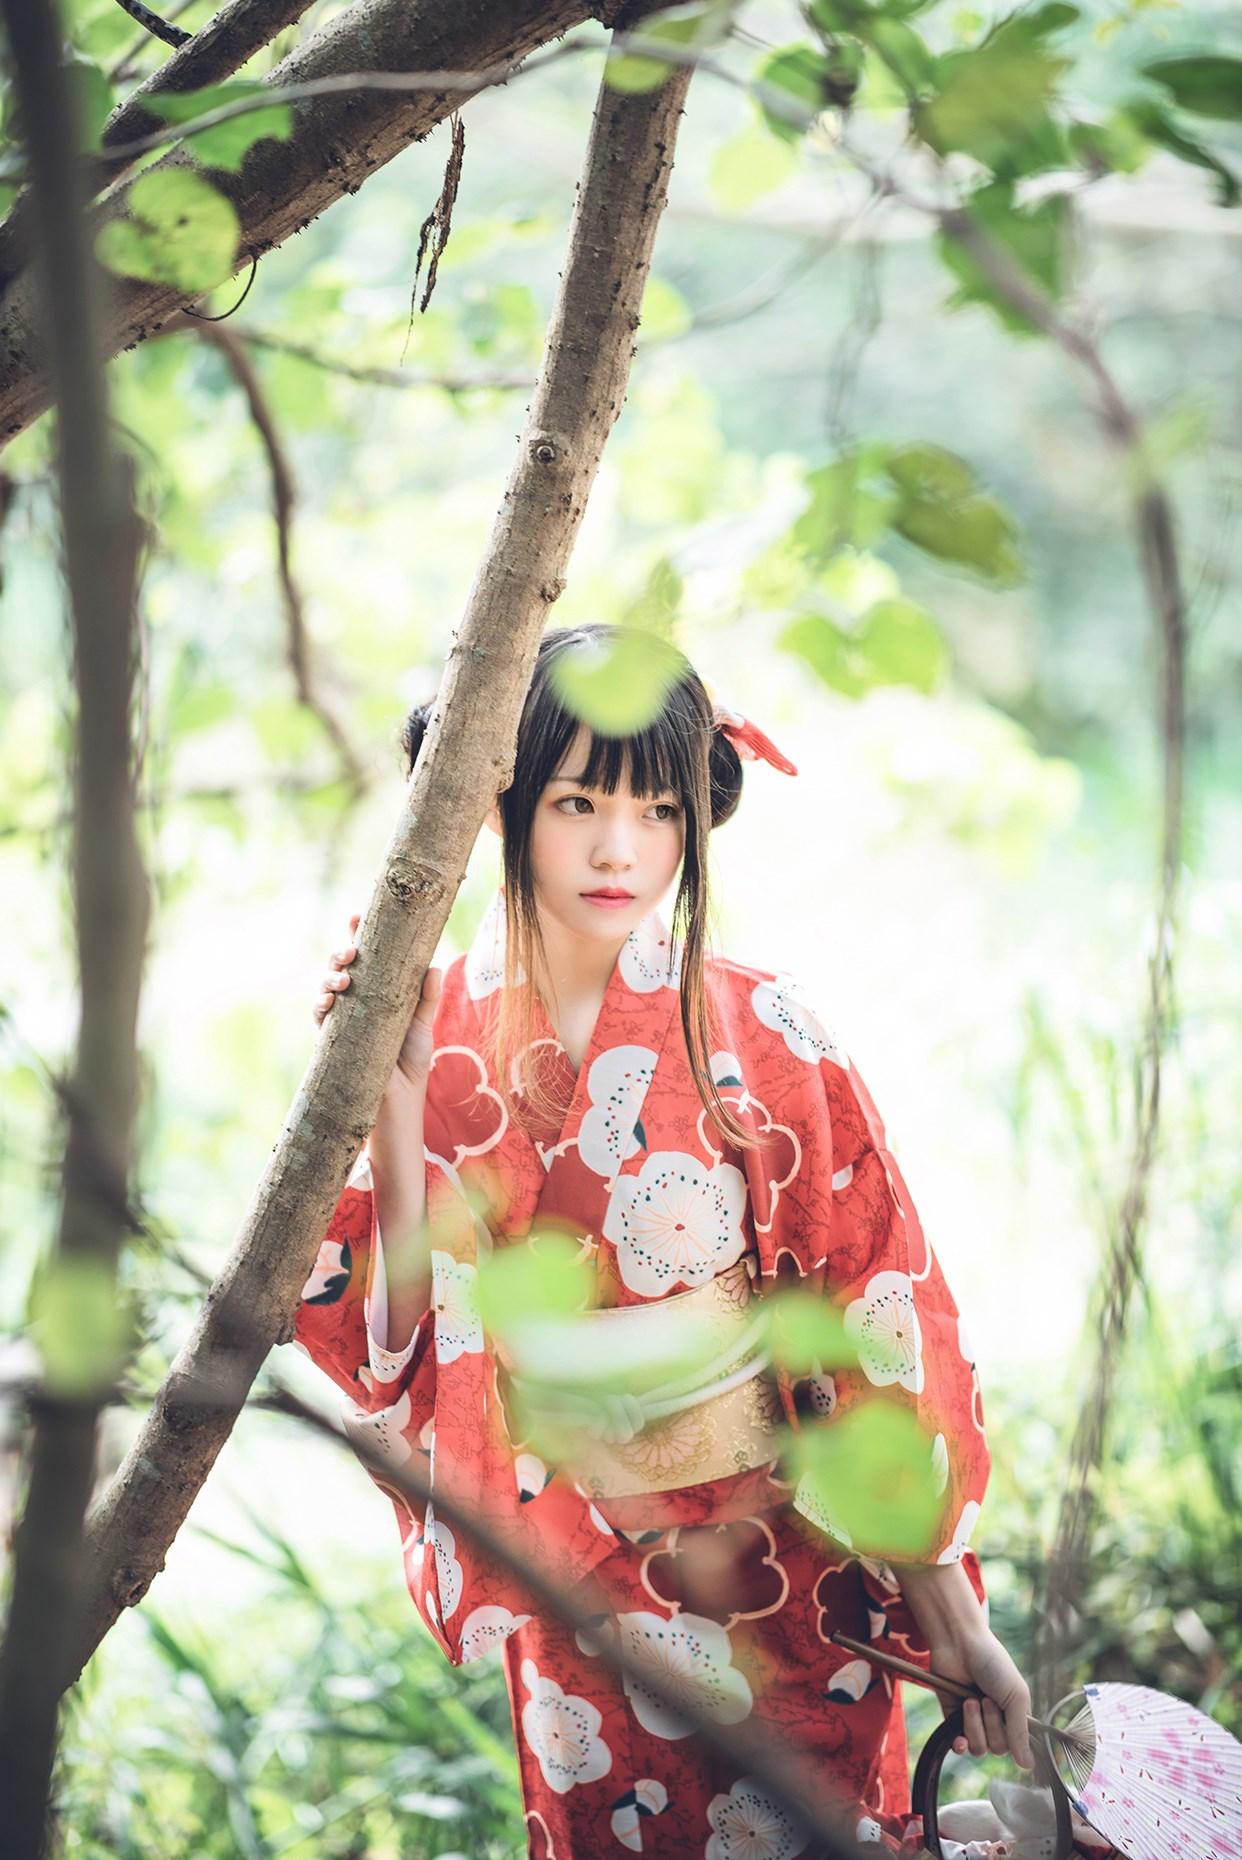 【兔玩映画】夏日祭 兔玩映画 第21张